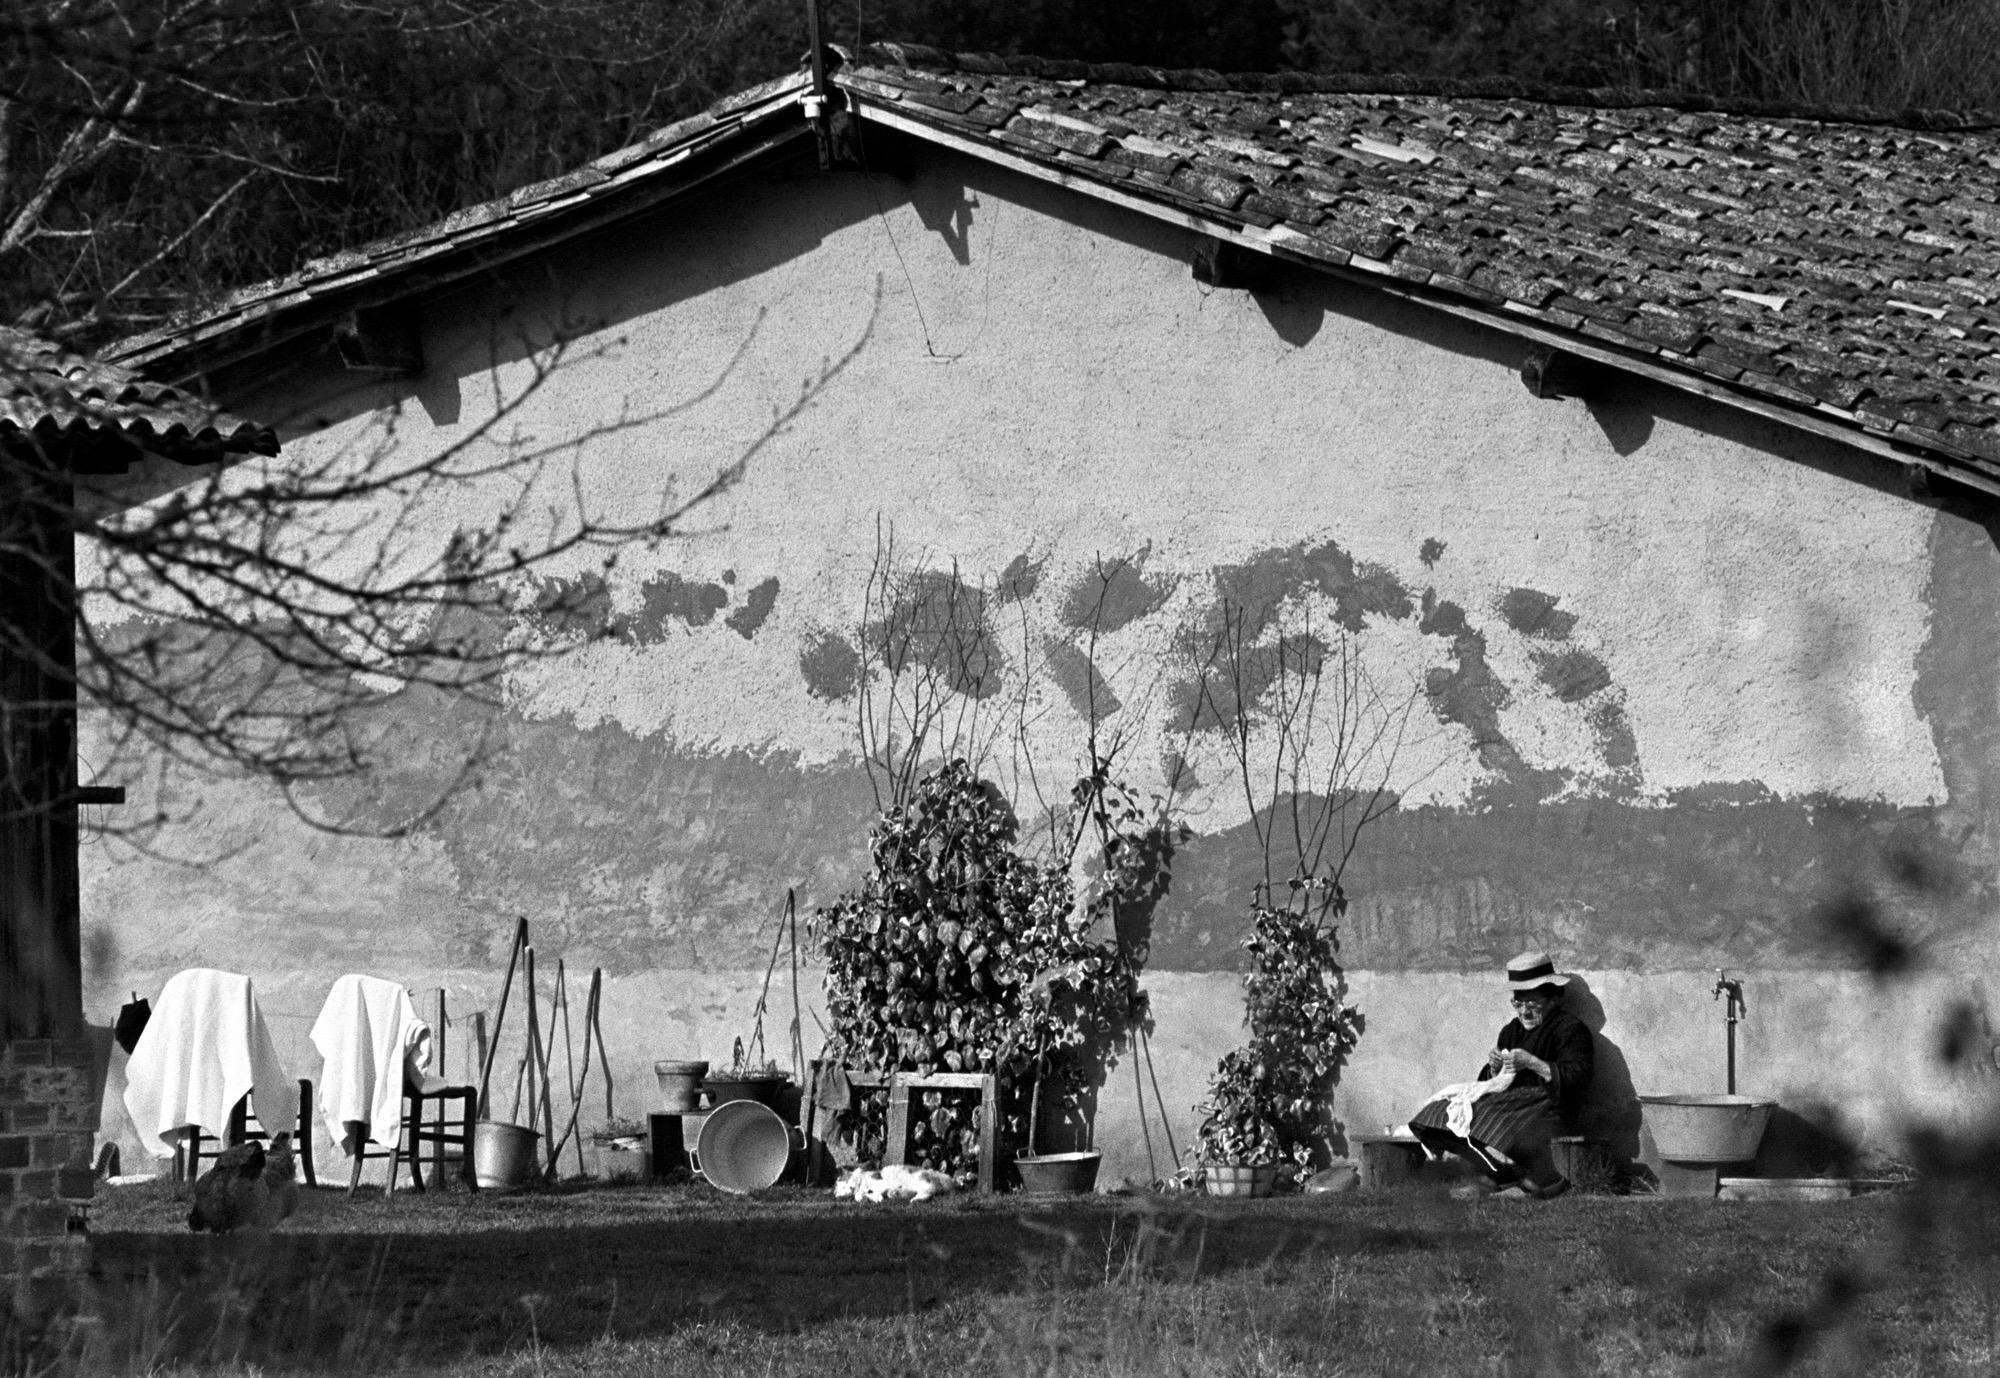 Southern France 1972